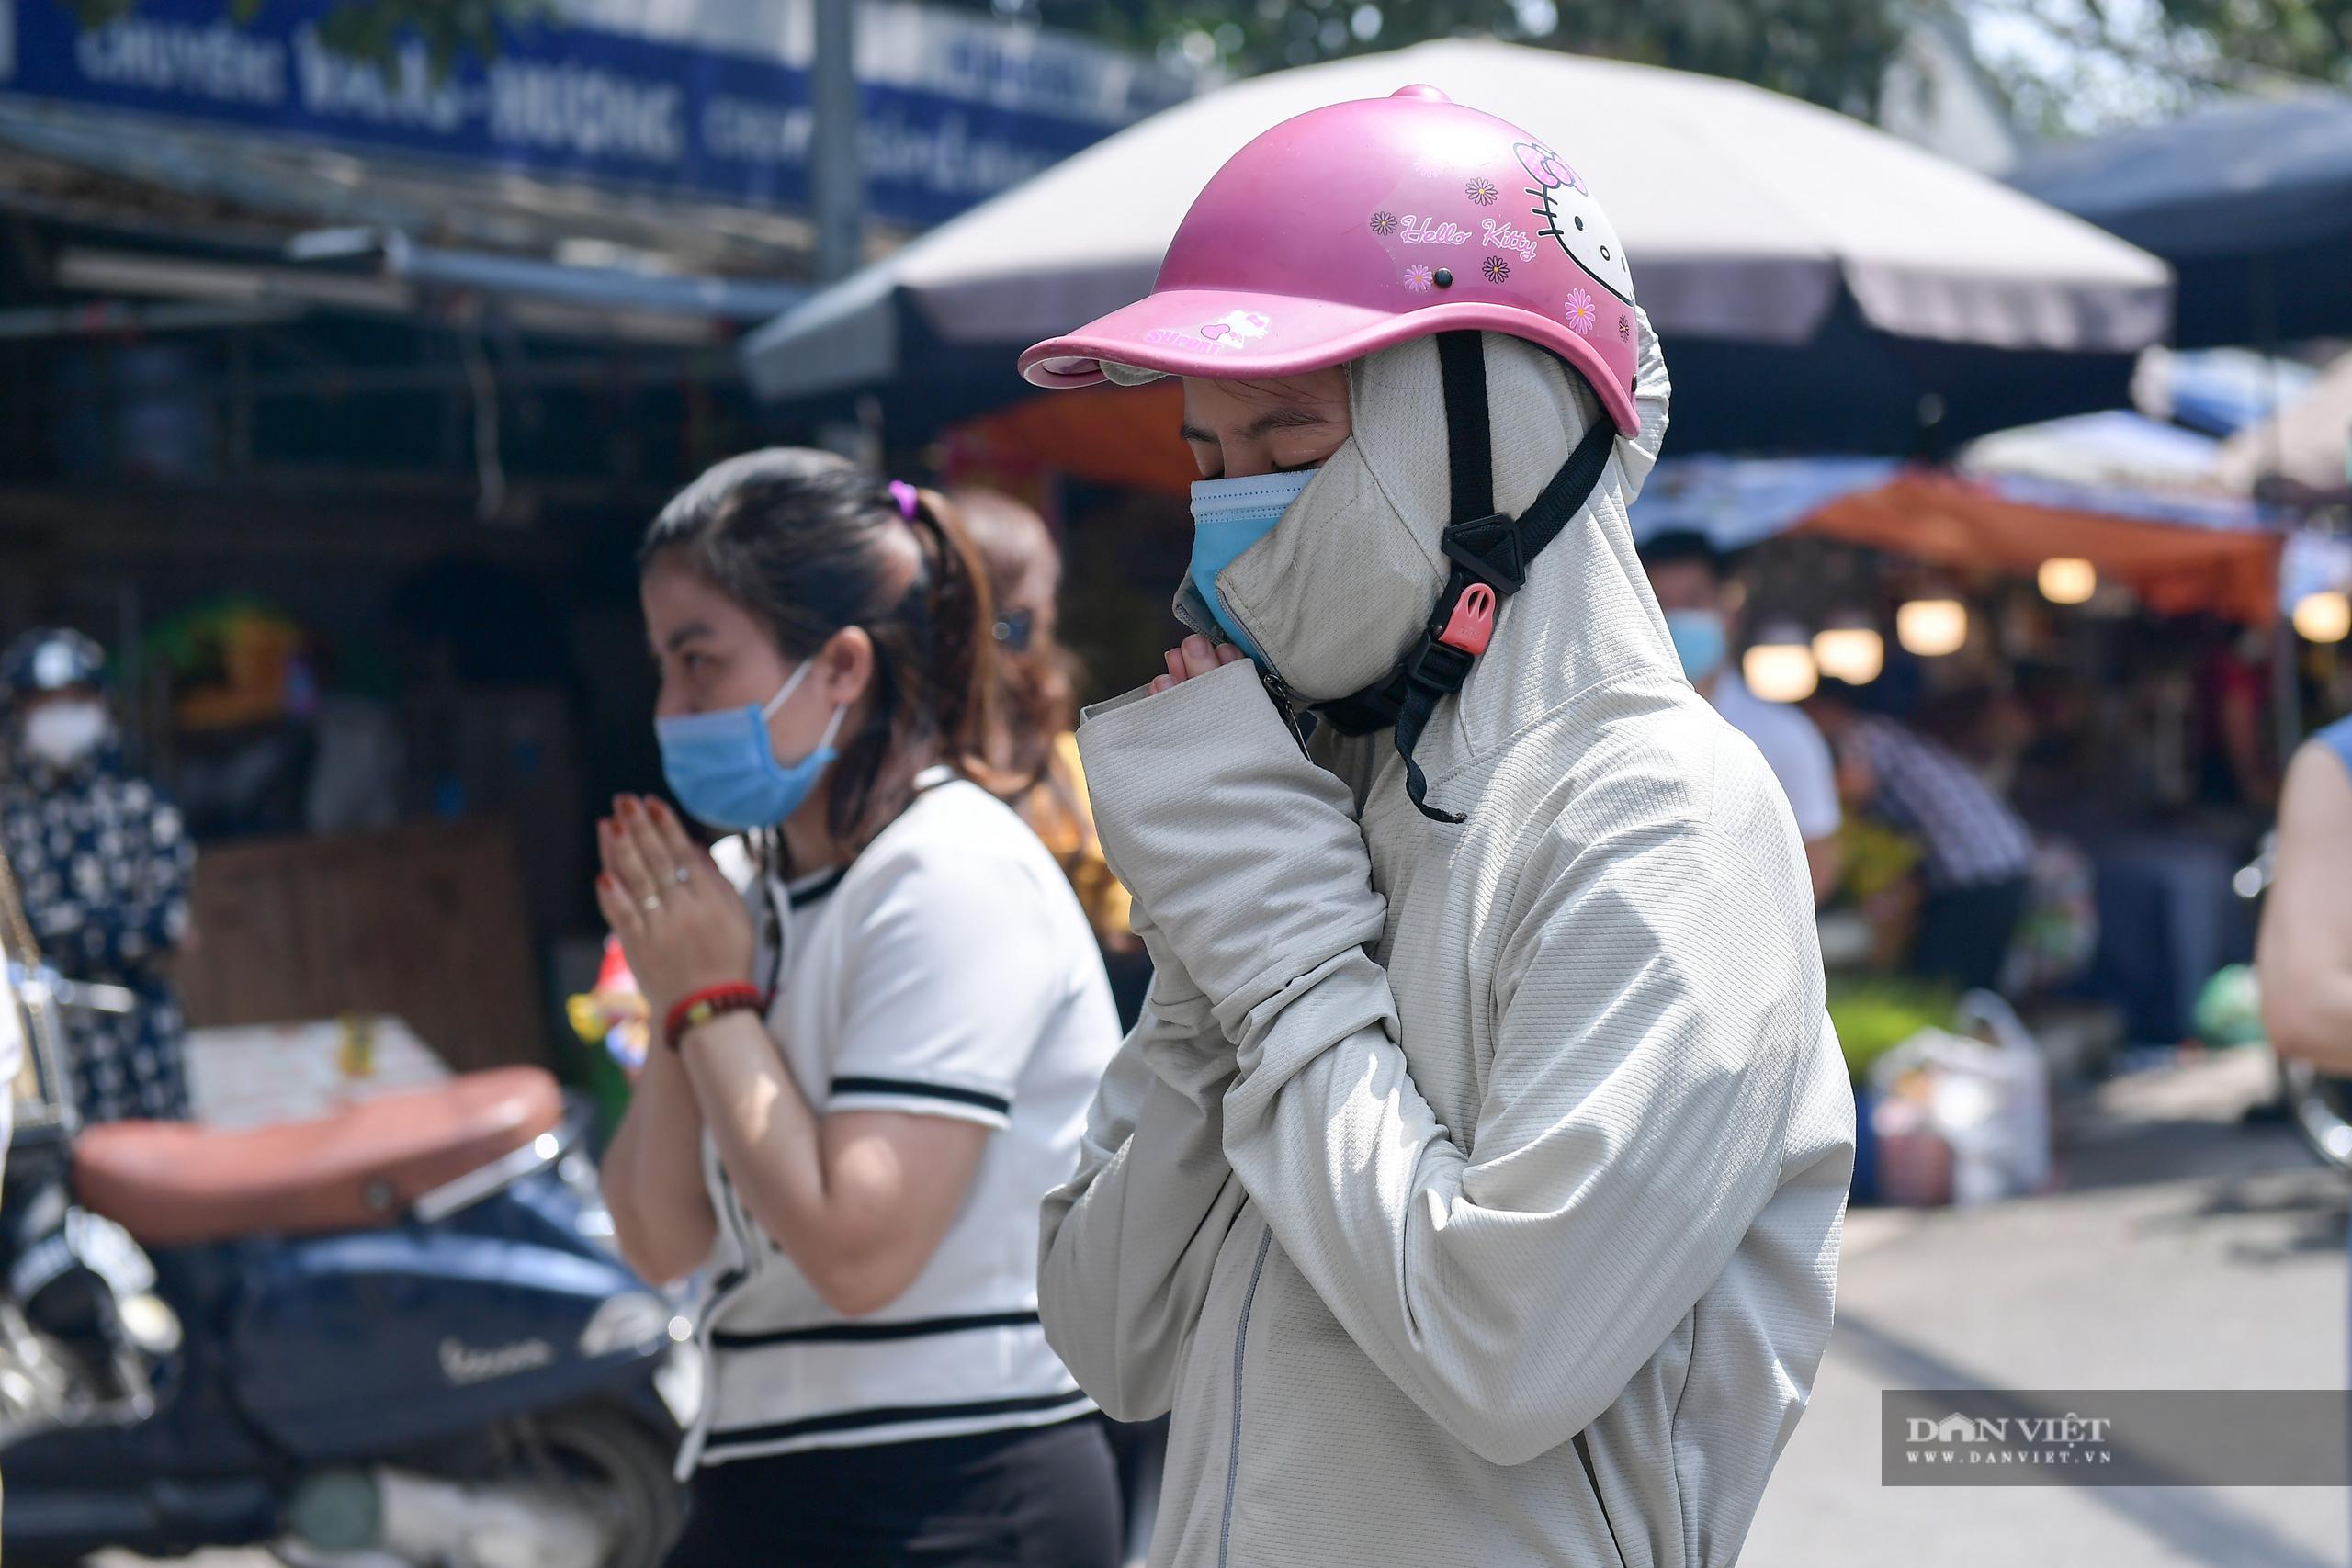 Hà Nội: Công an giải tán người dân đến phủ Tây Hồ vái vọng ngày mùng 1 âm lịch - Ảnh 3.